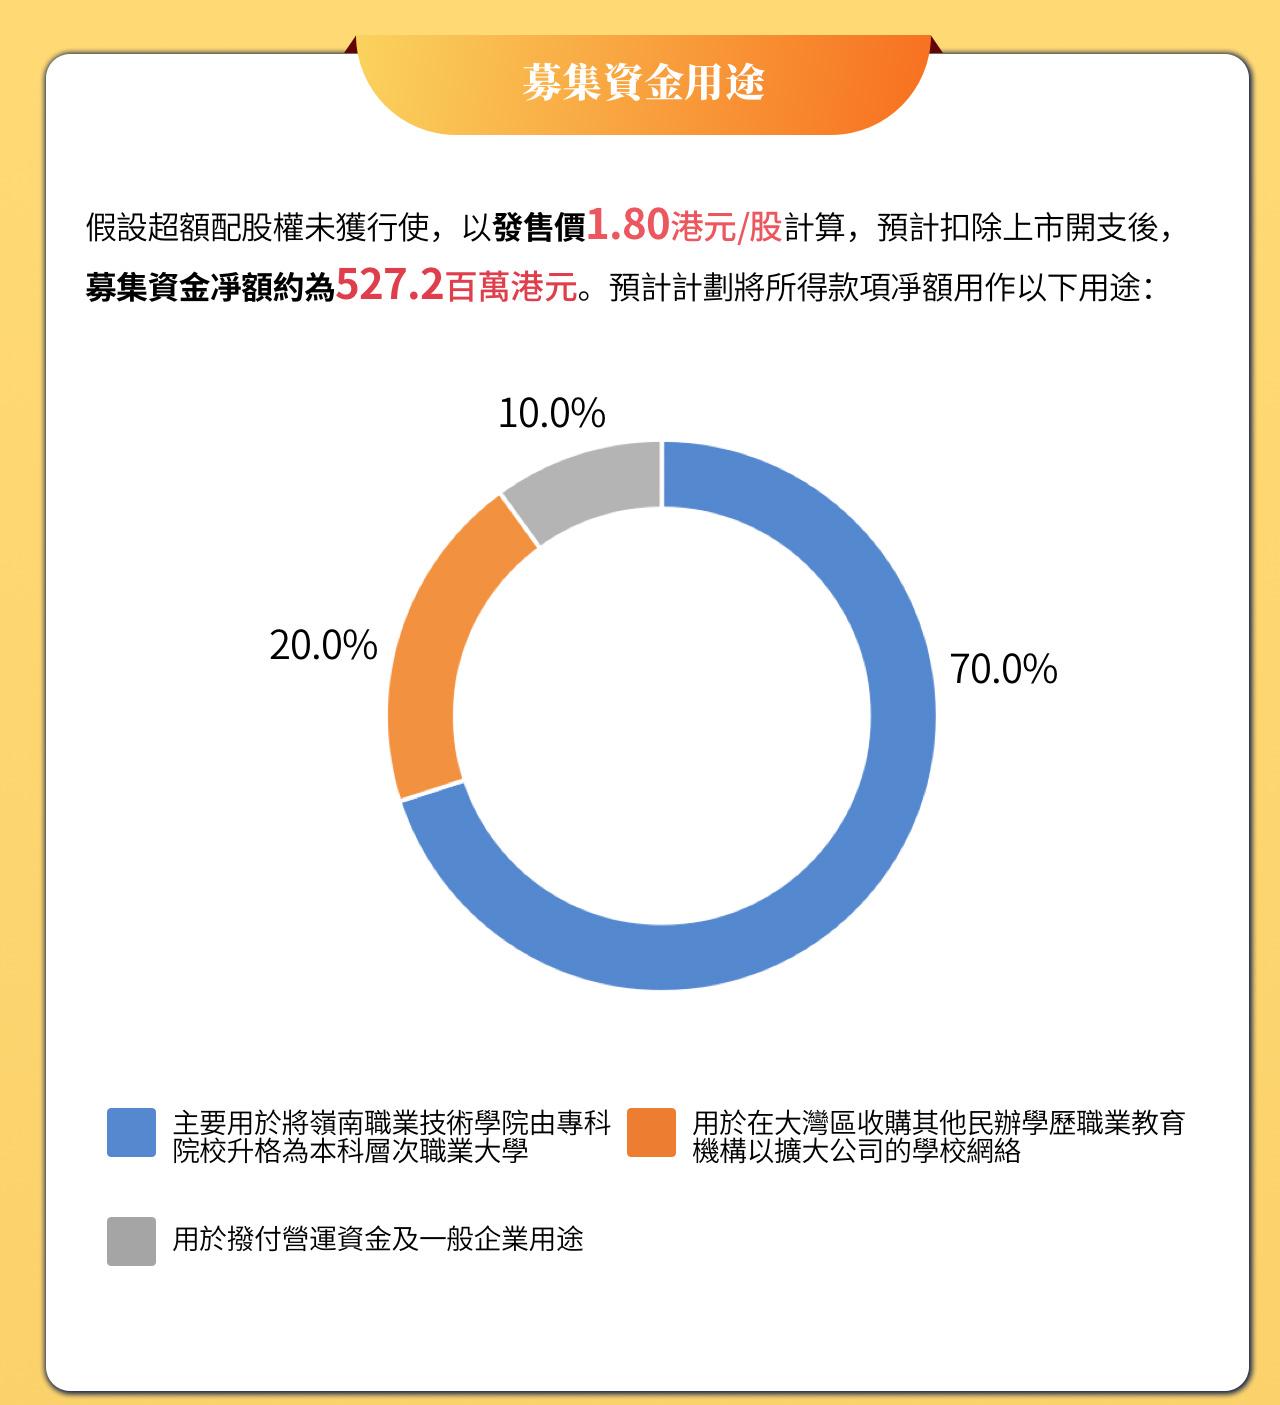 06913-華南職業教育_05.jpg